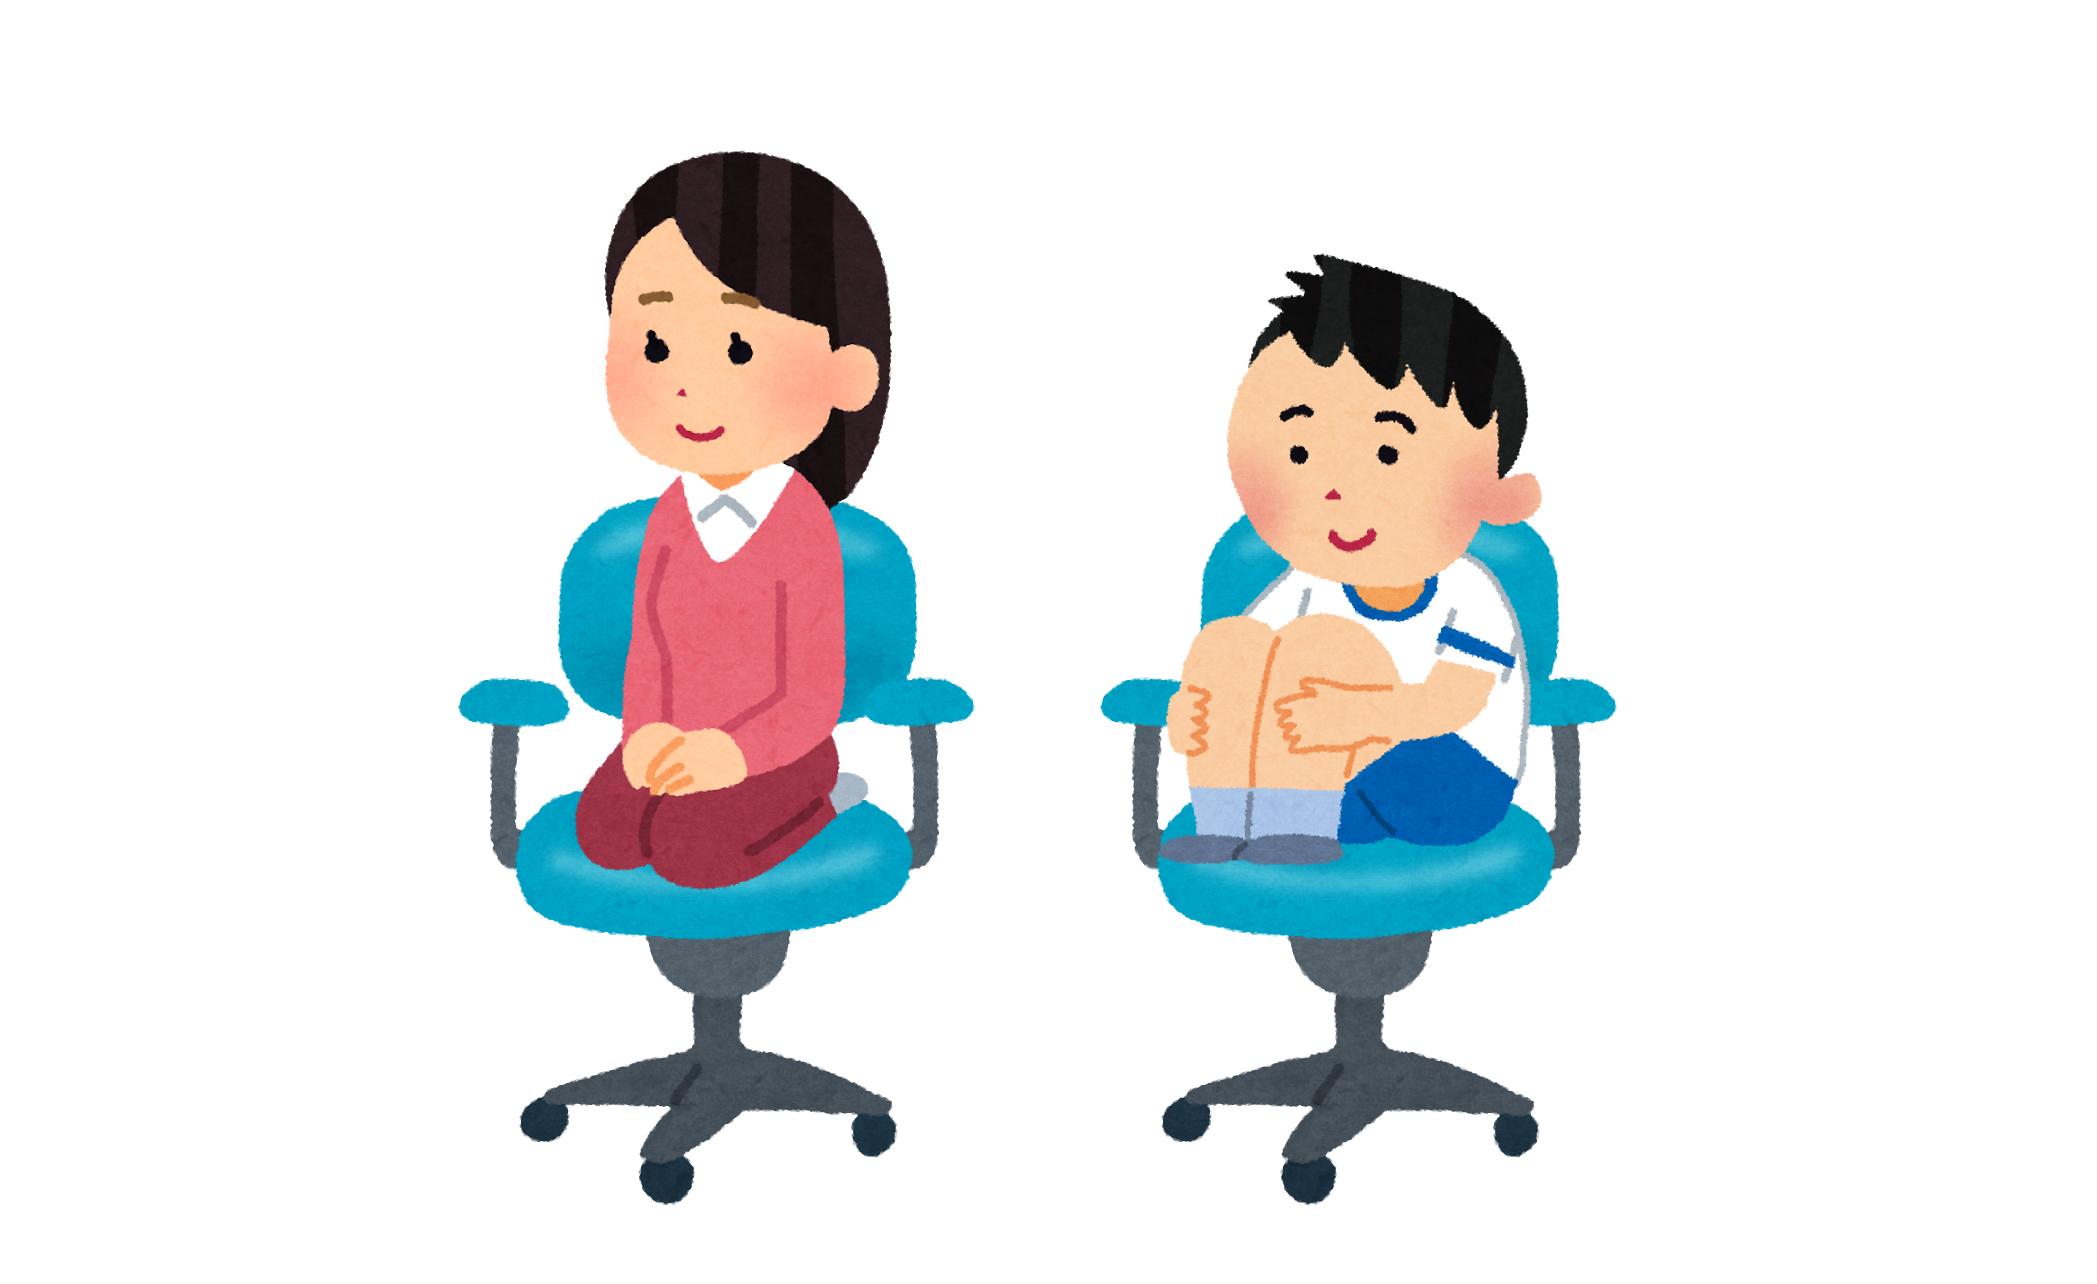 椅子の上で正座と体育座り